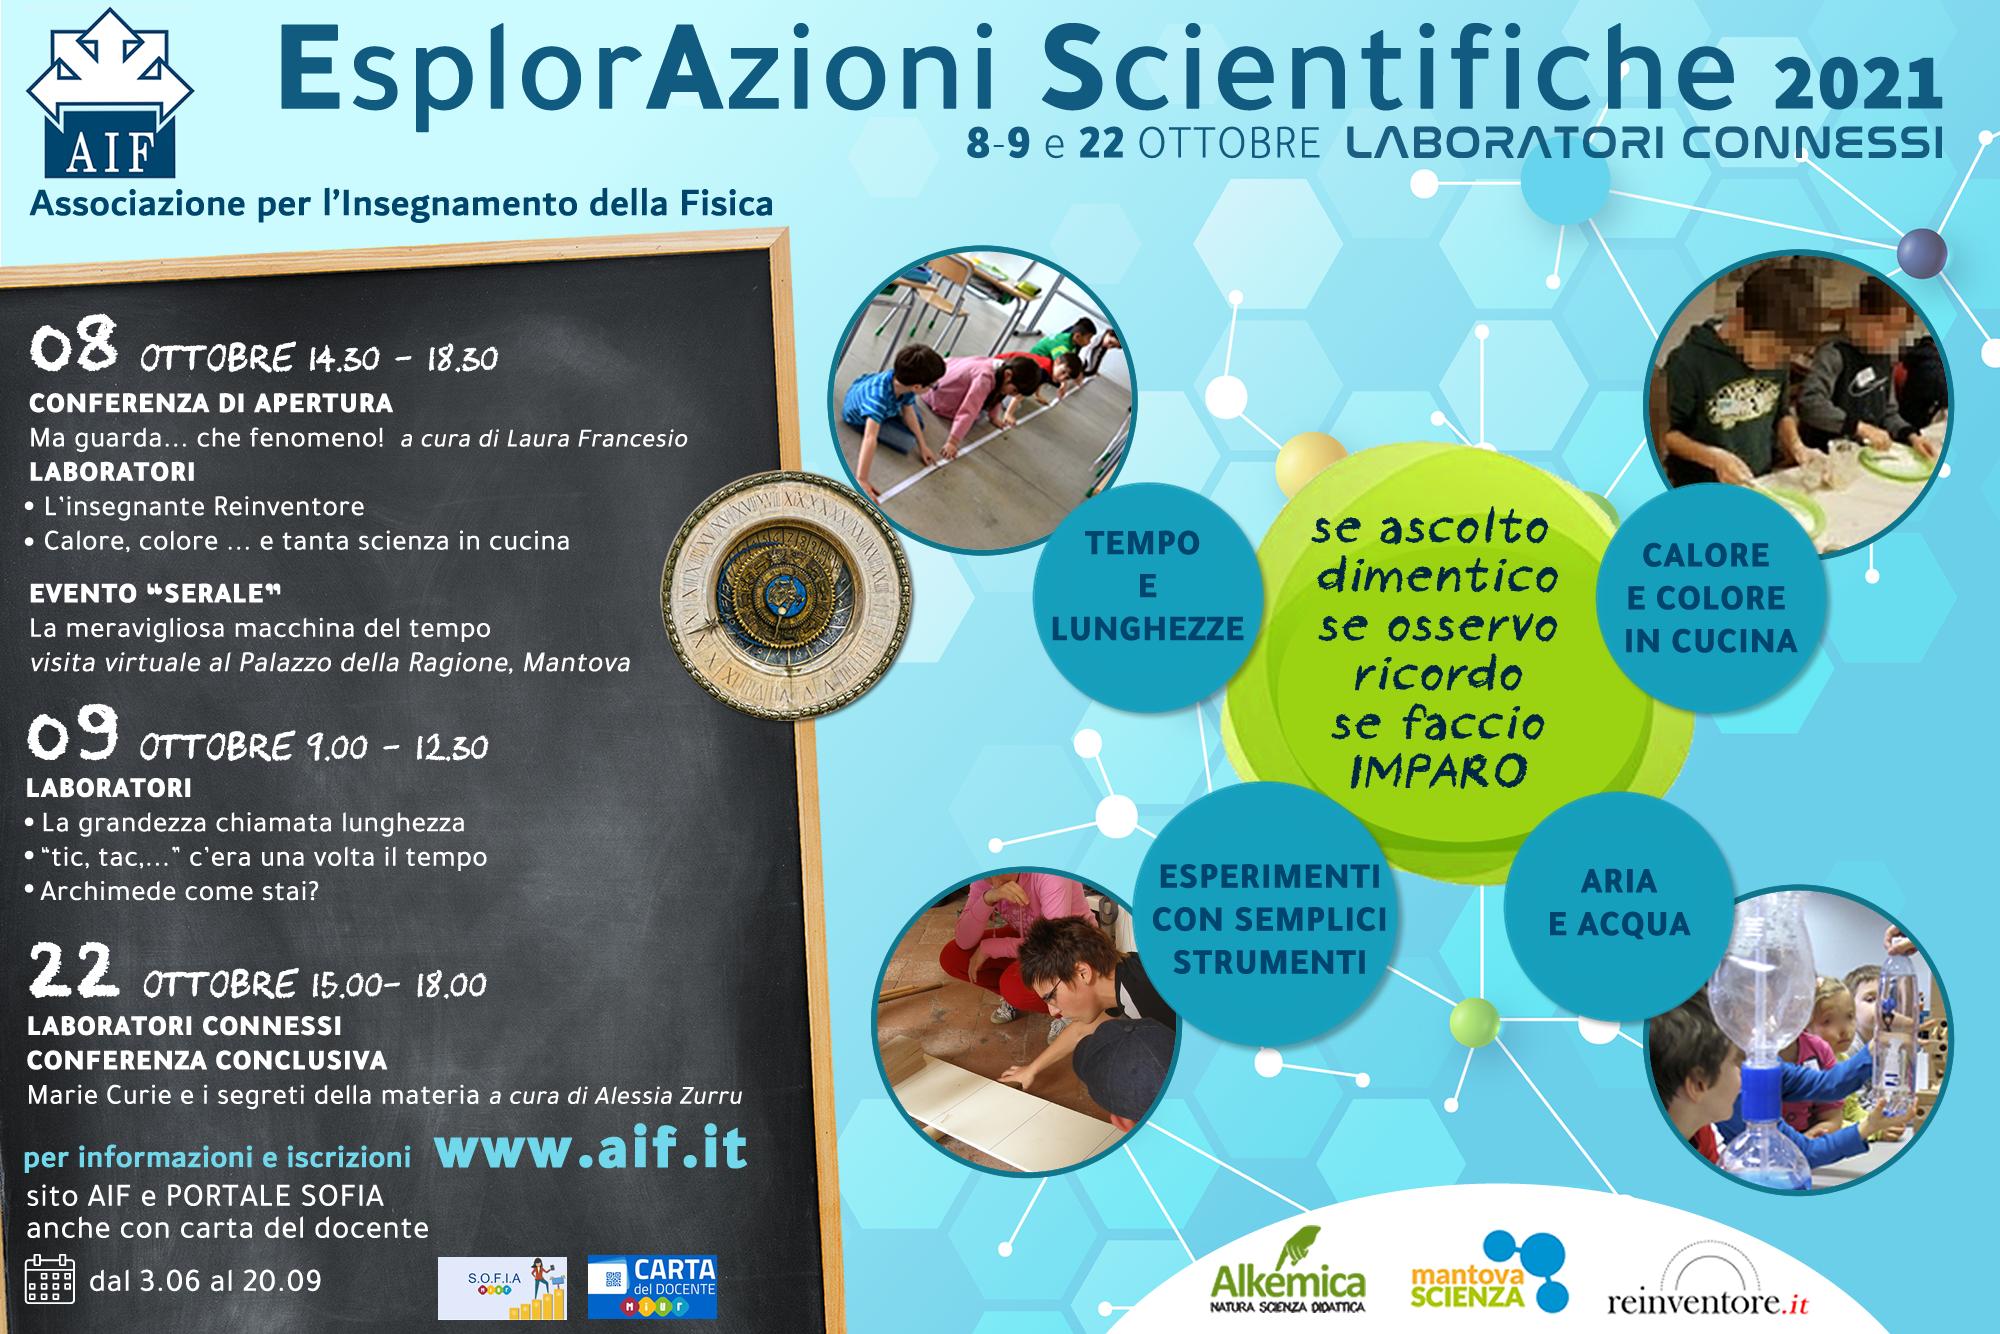 Locandina EsplorAzioni Scientifiche 2021